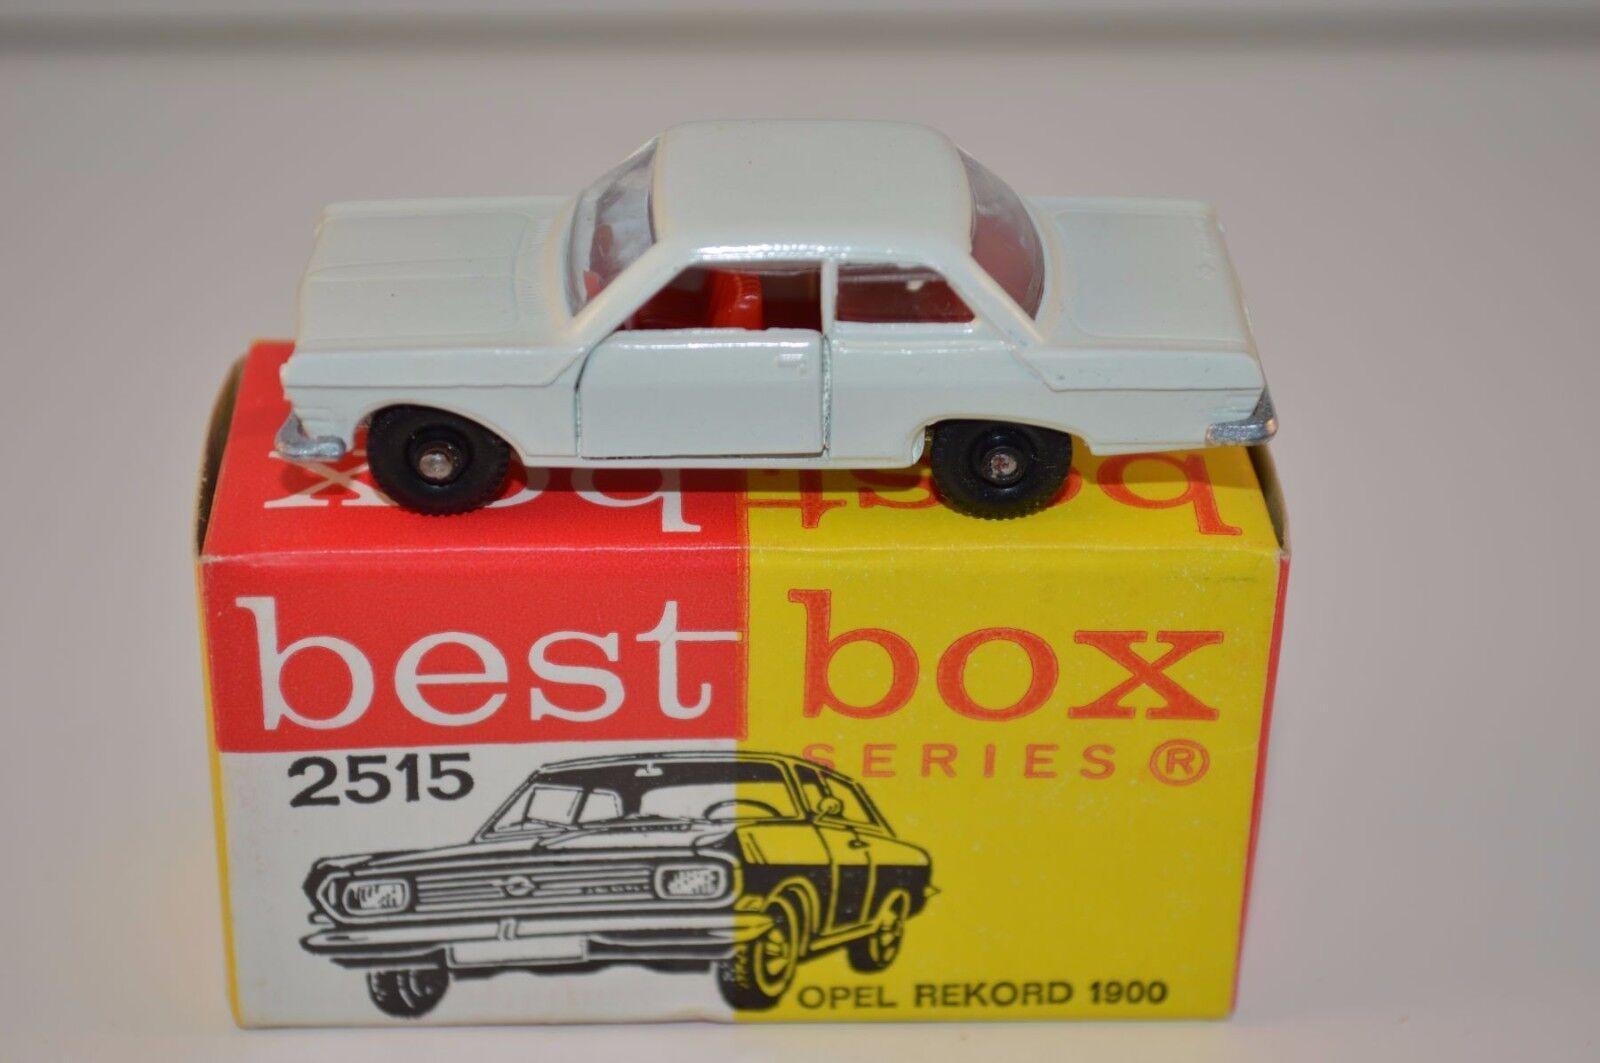 hasta un 70% de descuento Bestbox Bestbox Bestbox Best Box 2515 Opel Rekord perfect mint in box súper model  Nuevos productos de artículos novedosos.